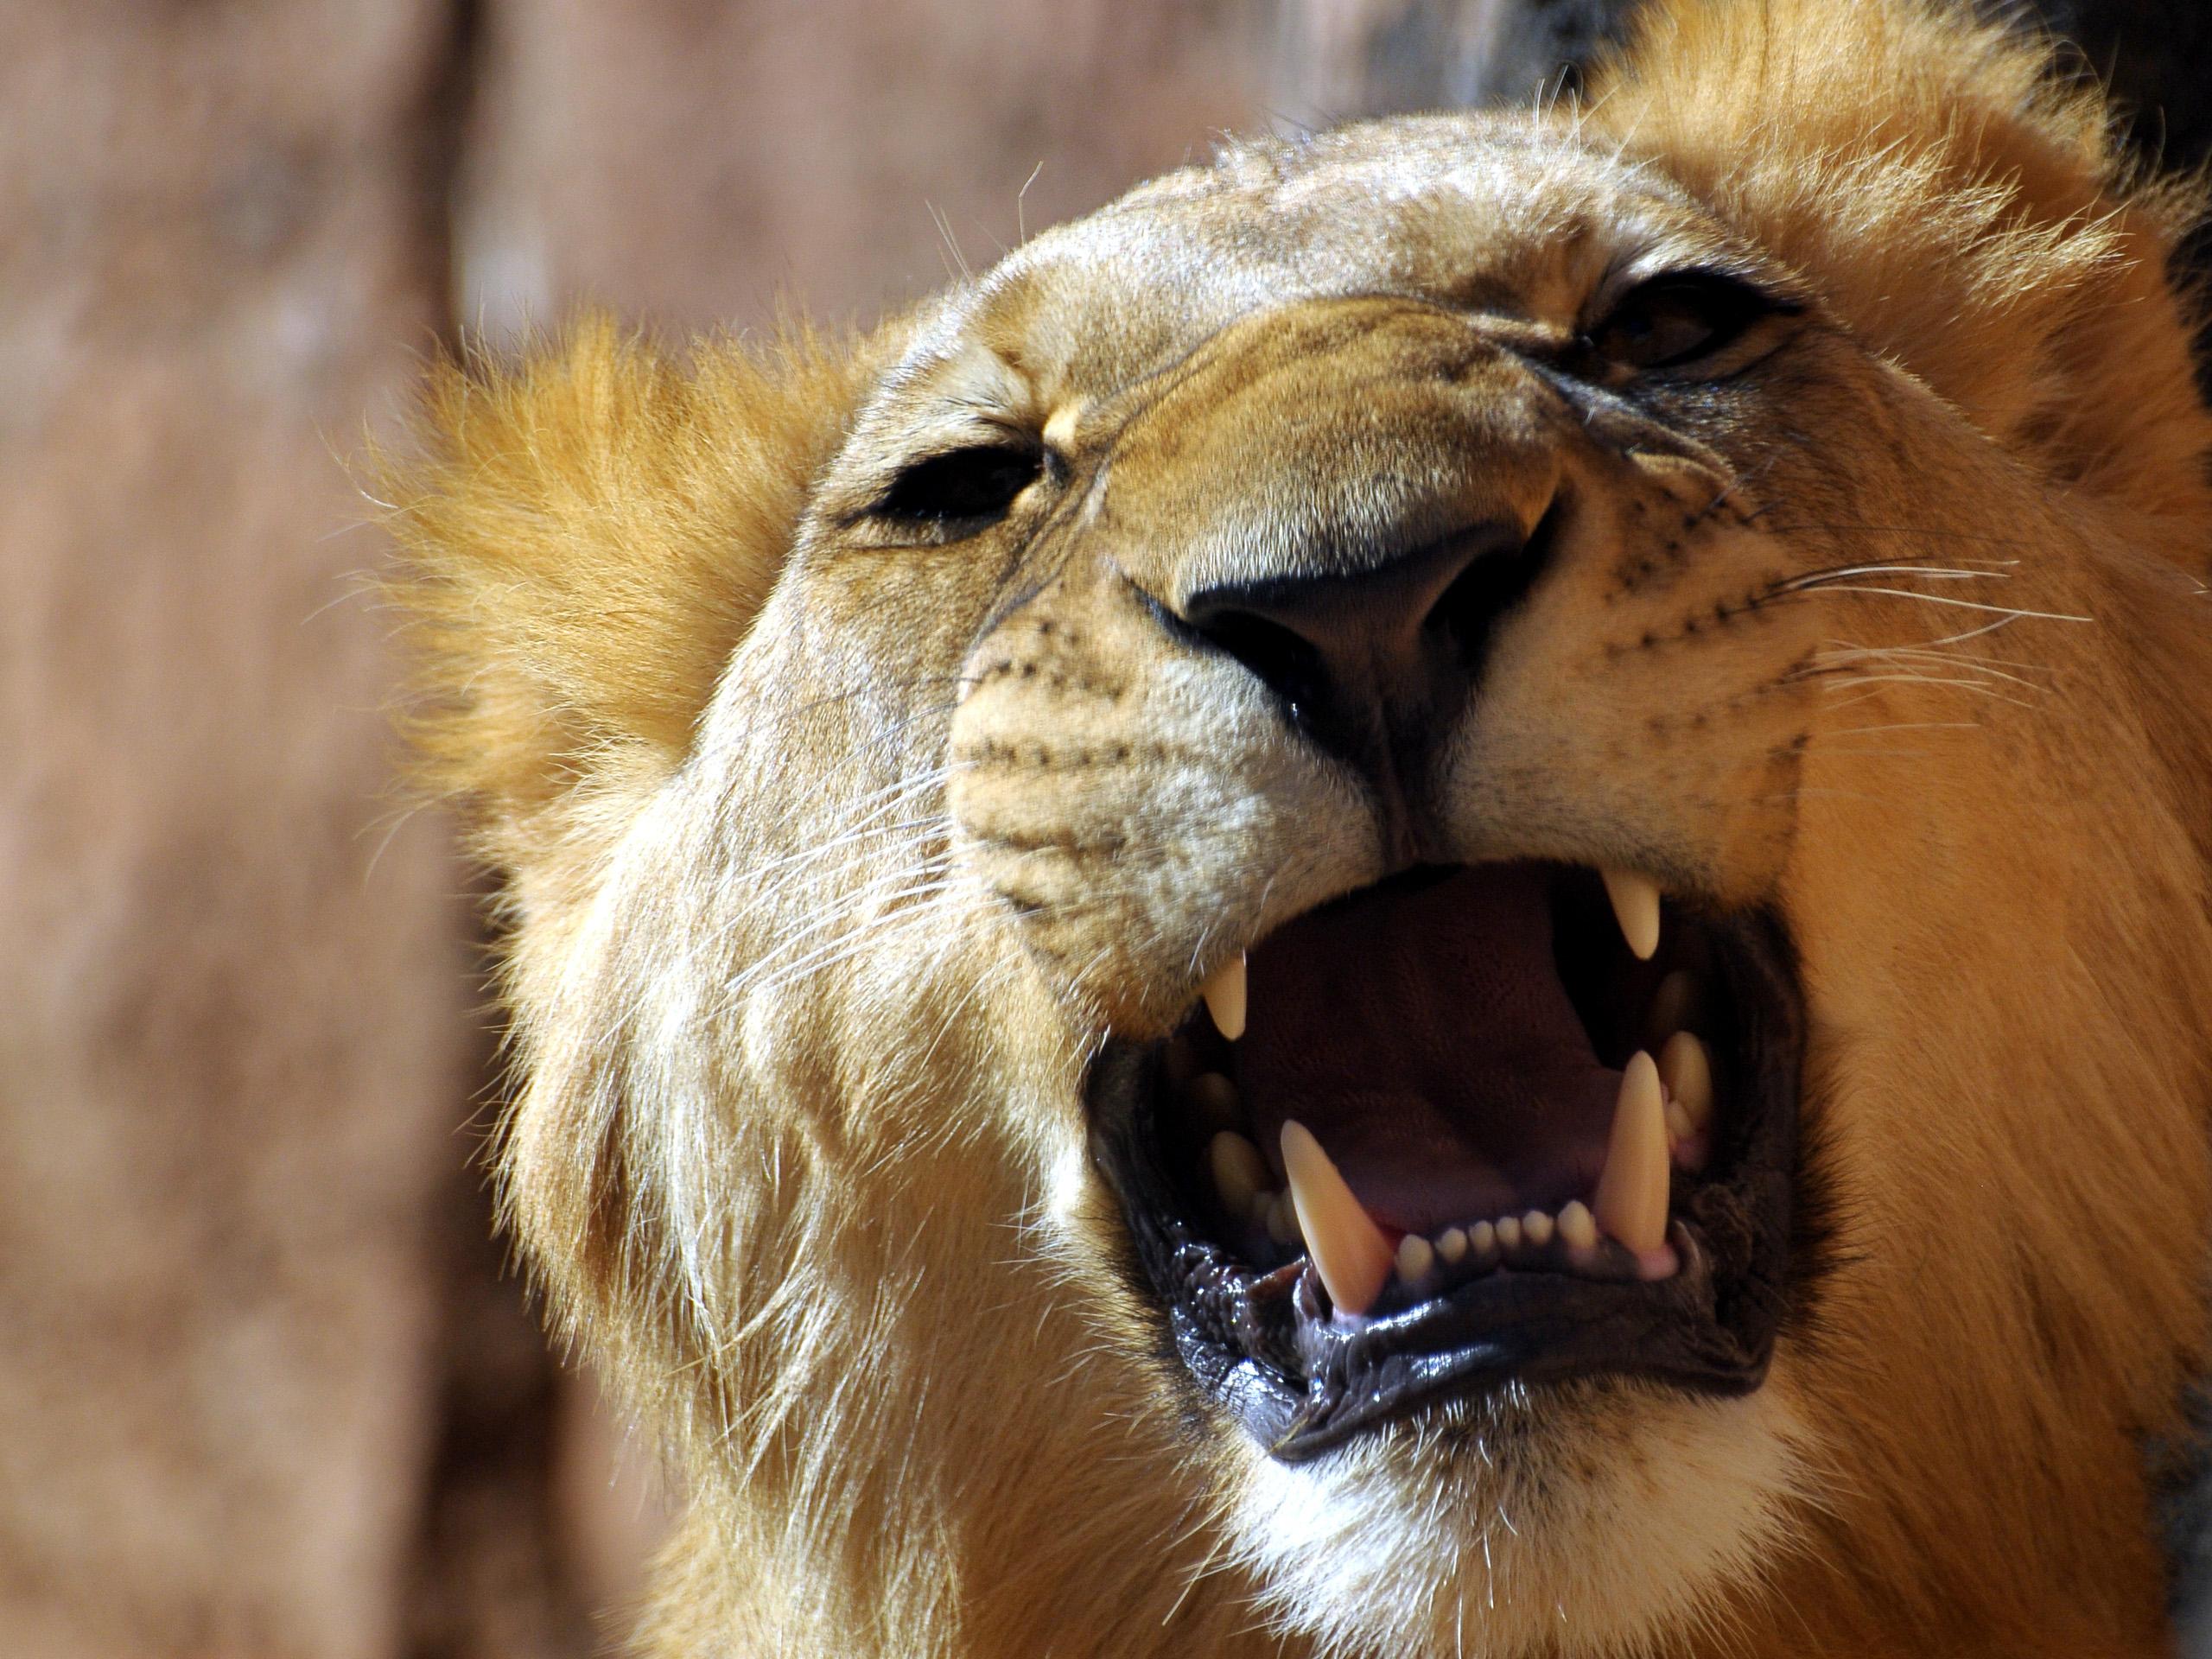 выгодные картинки рычащих животных занимались вымогательством денег